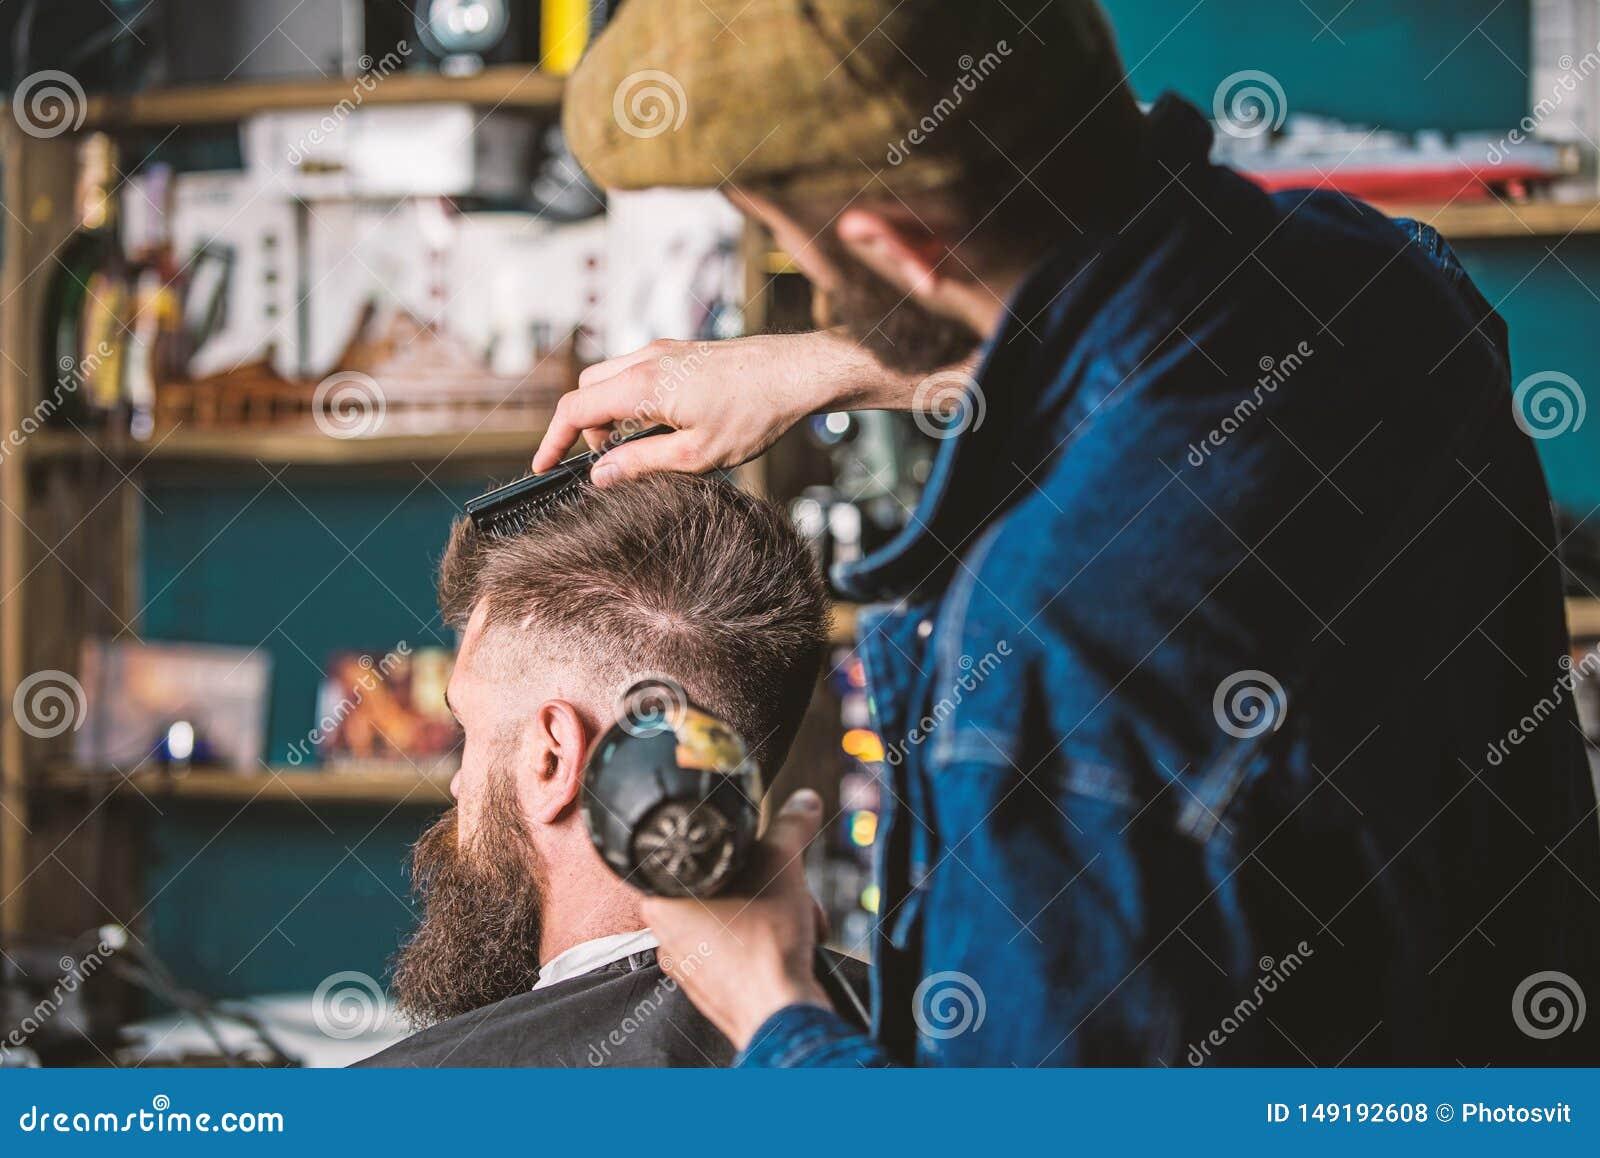 Hipster gebaarde cli?nt die kapsel krijgen Kapper met hairdryer het drogen en het stileren haar van cli?nt Kapper met hairdryer